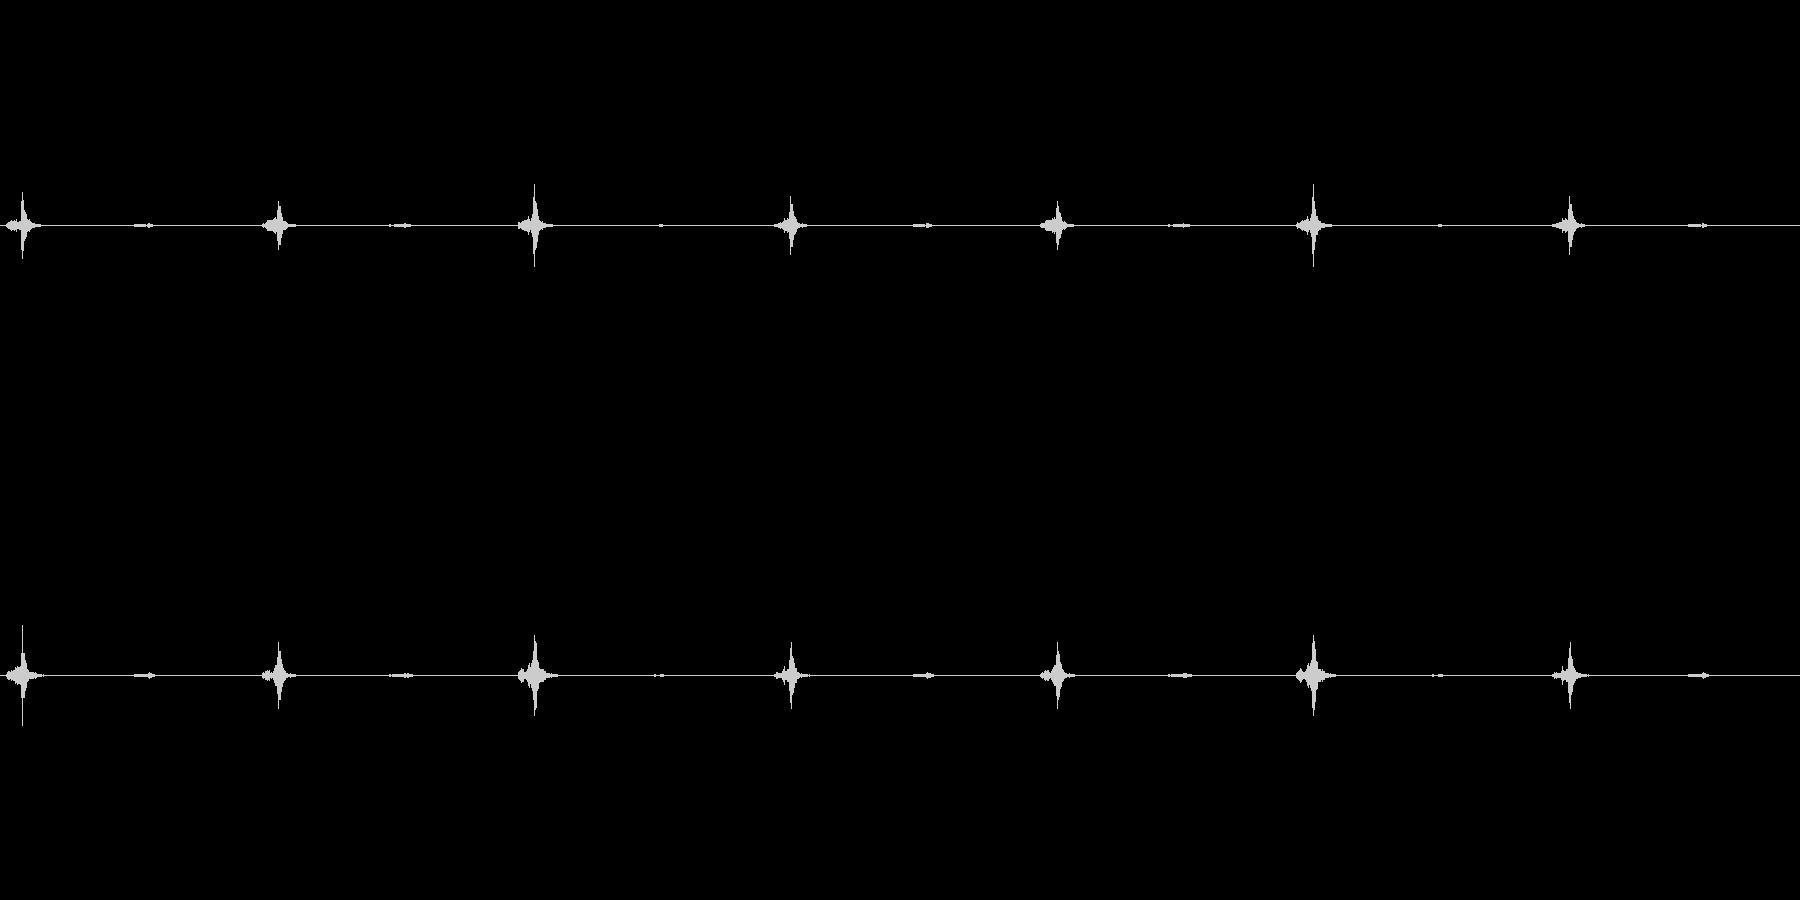 チクタク…時計の音2の未再生の波形